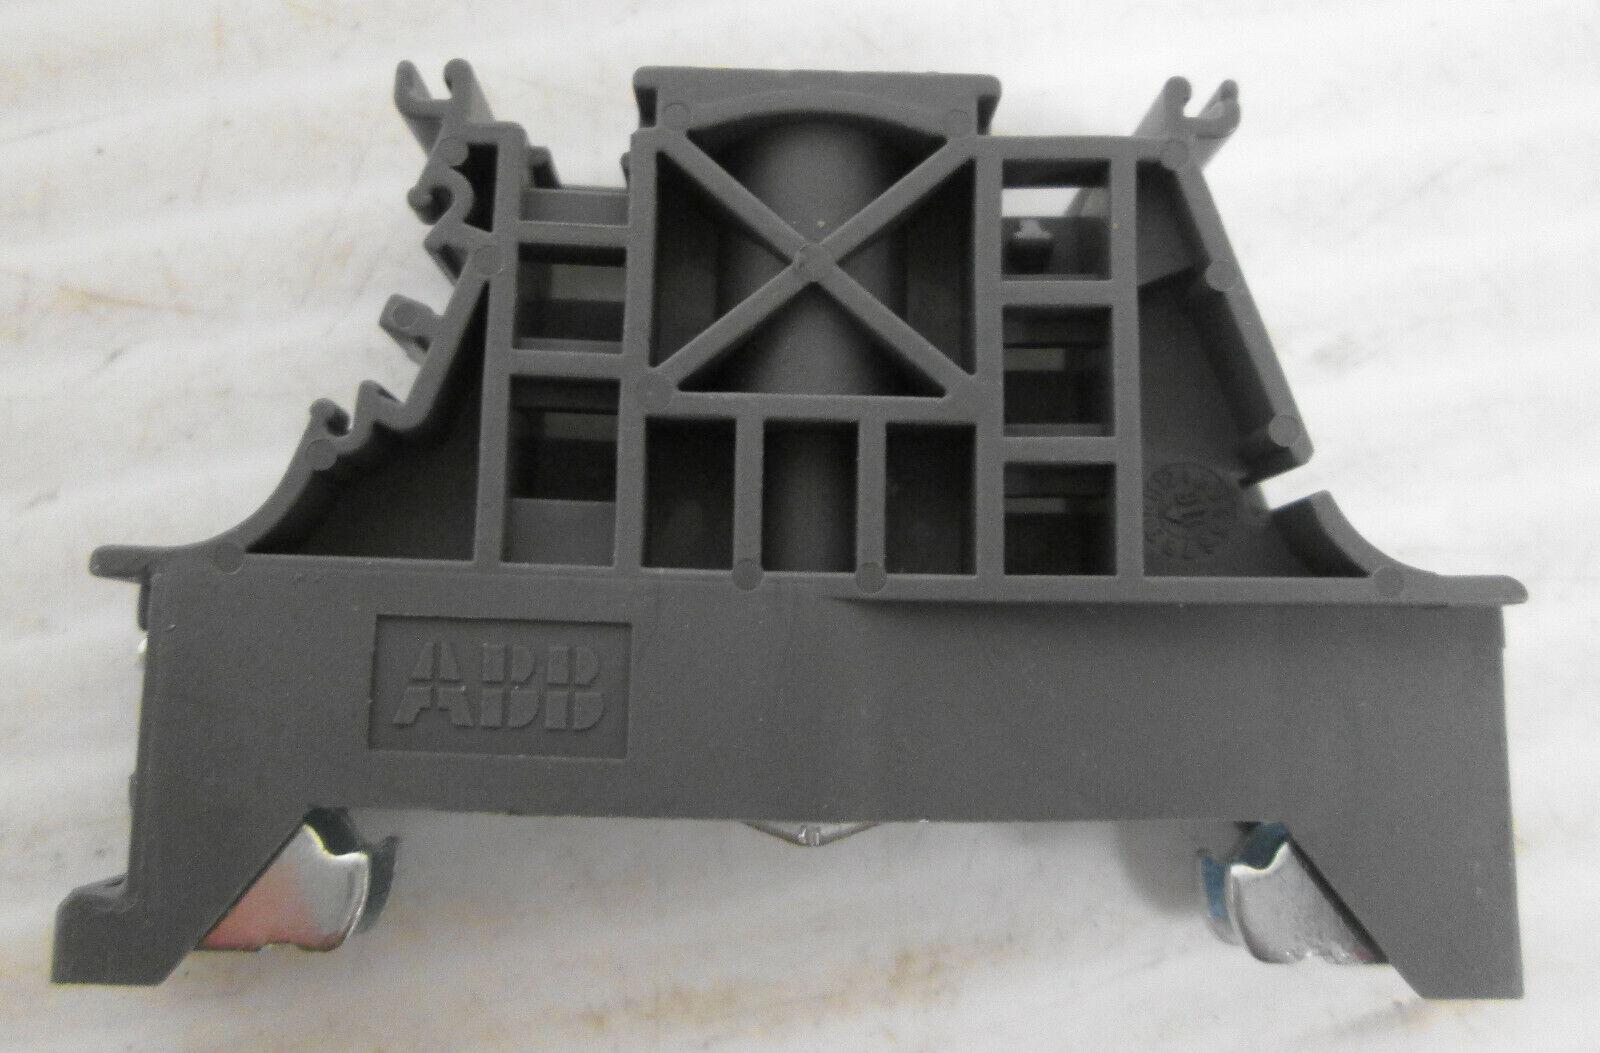 2 NEW ABB ENTRELEC BAM-4 BAM4 GRAY GREY DIN RAIL SECURE END STOP 1SNK900001R0000